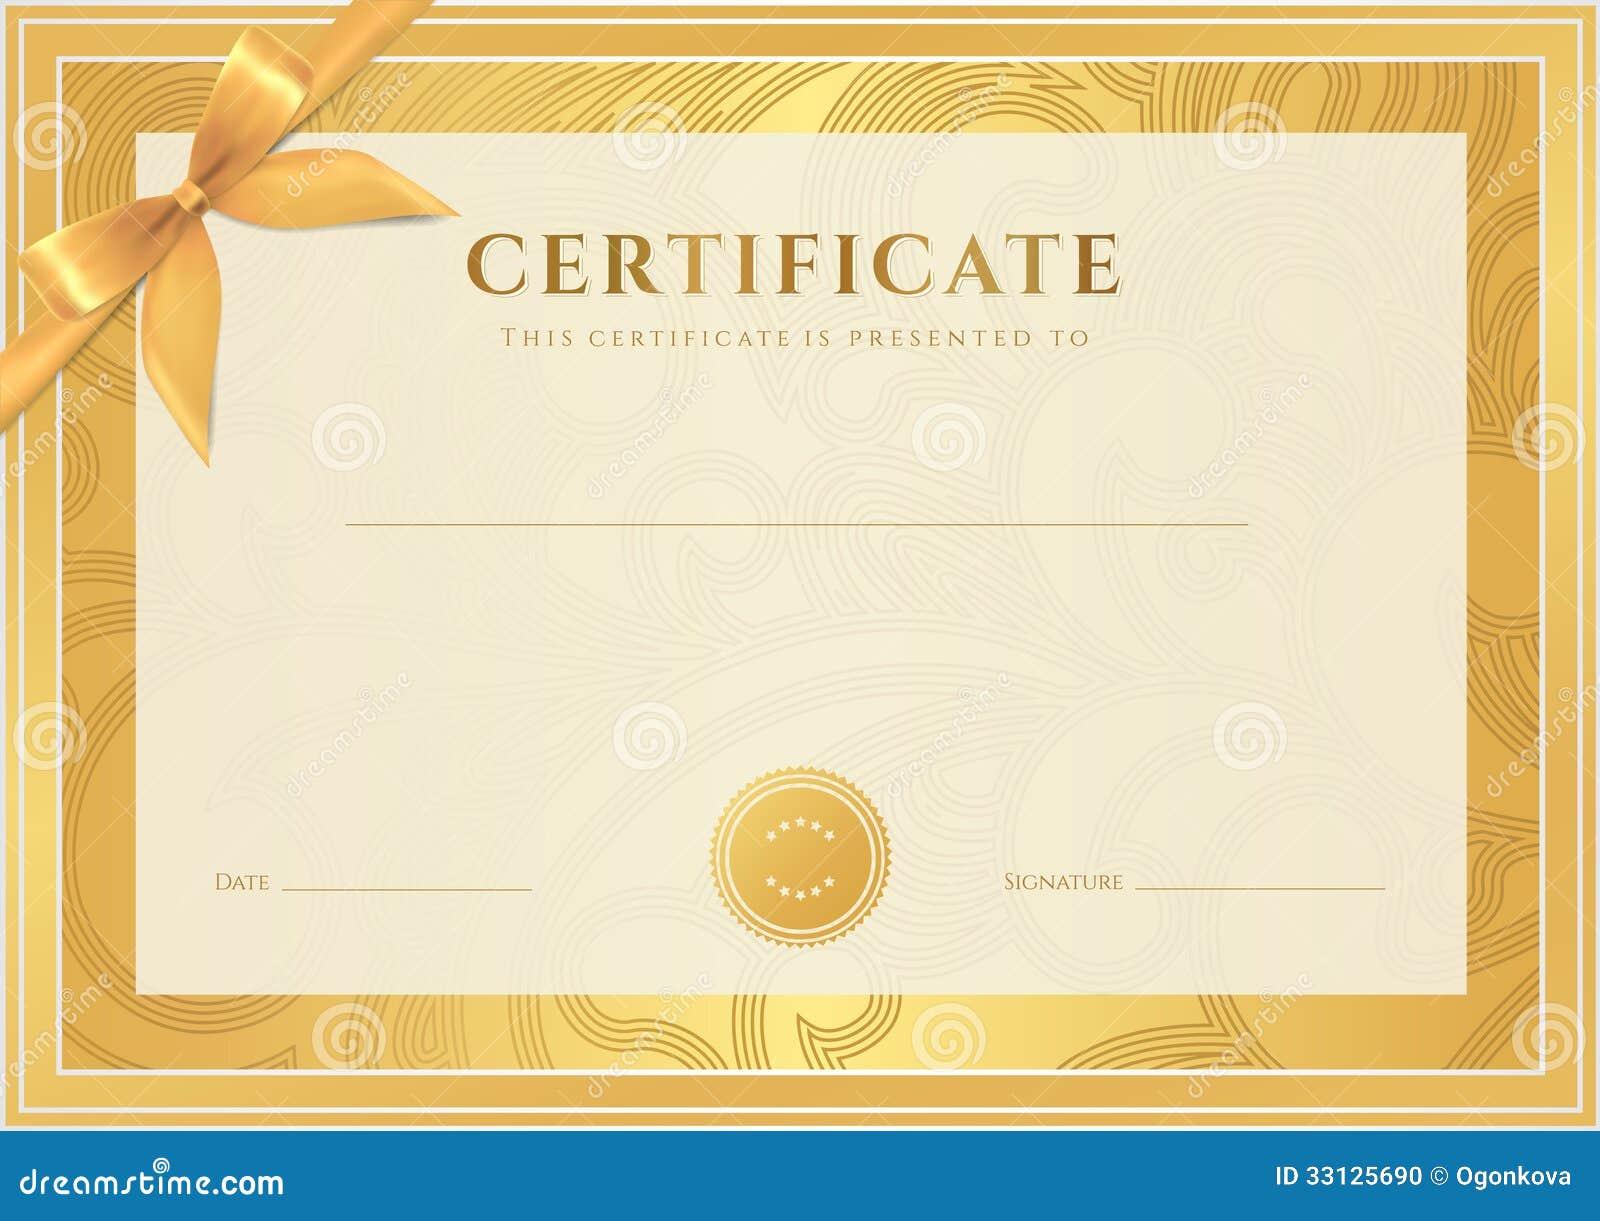 Fein Kostenlose Abschlusszertifikat Vorlage Bilder - Entry Level ...